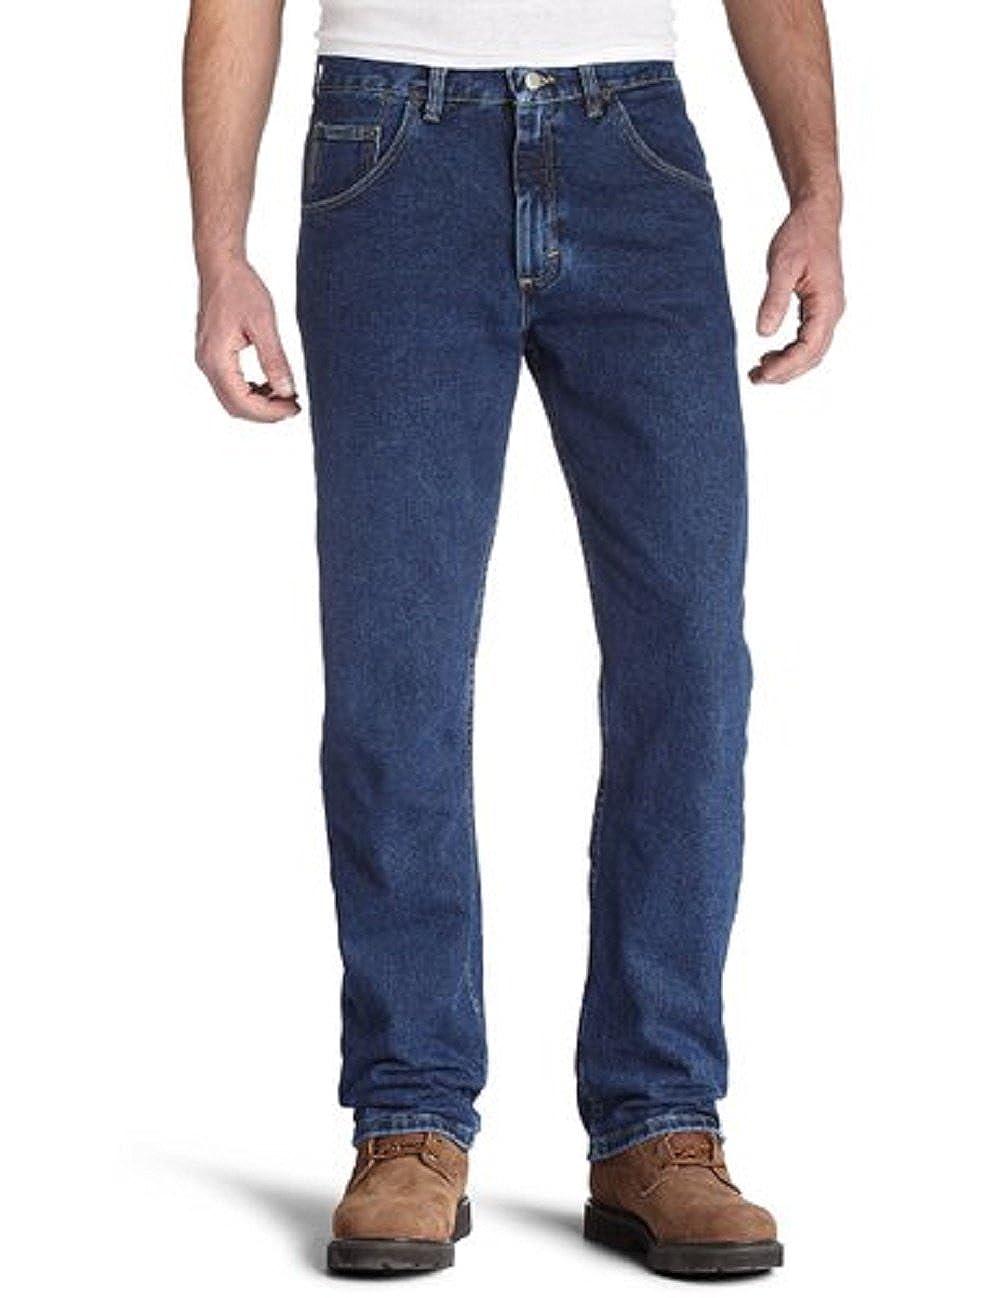 53590815 Wrangler Men's Regular-fit Straight Leg Jean at Amazon Men's Clothing store: